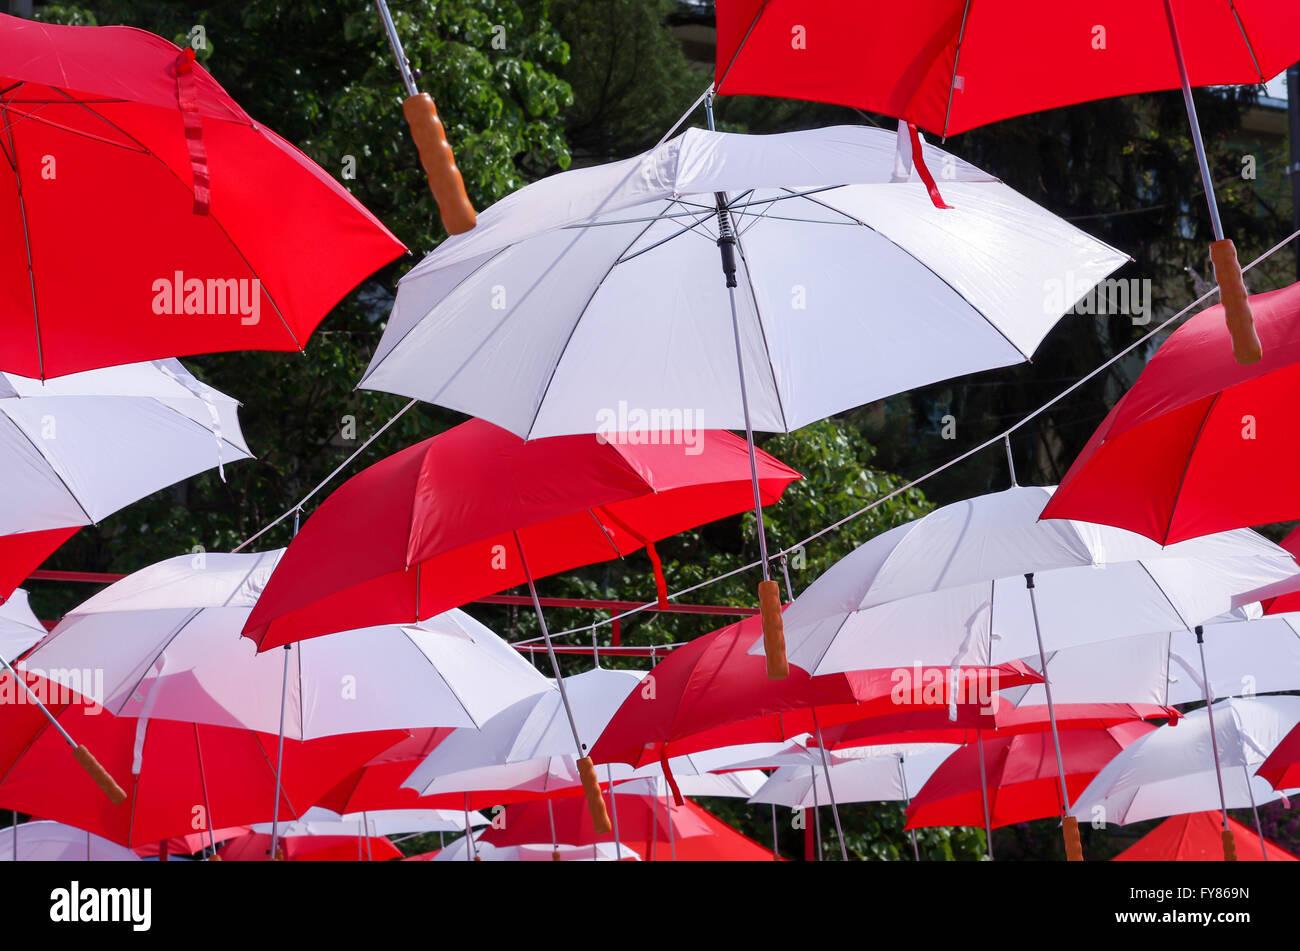 Bunte Schirme hängen über blauen Himmel. Rot und mit großen Sonnenschirmen auf den blauen Himmel. Stockbild